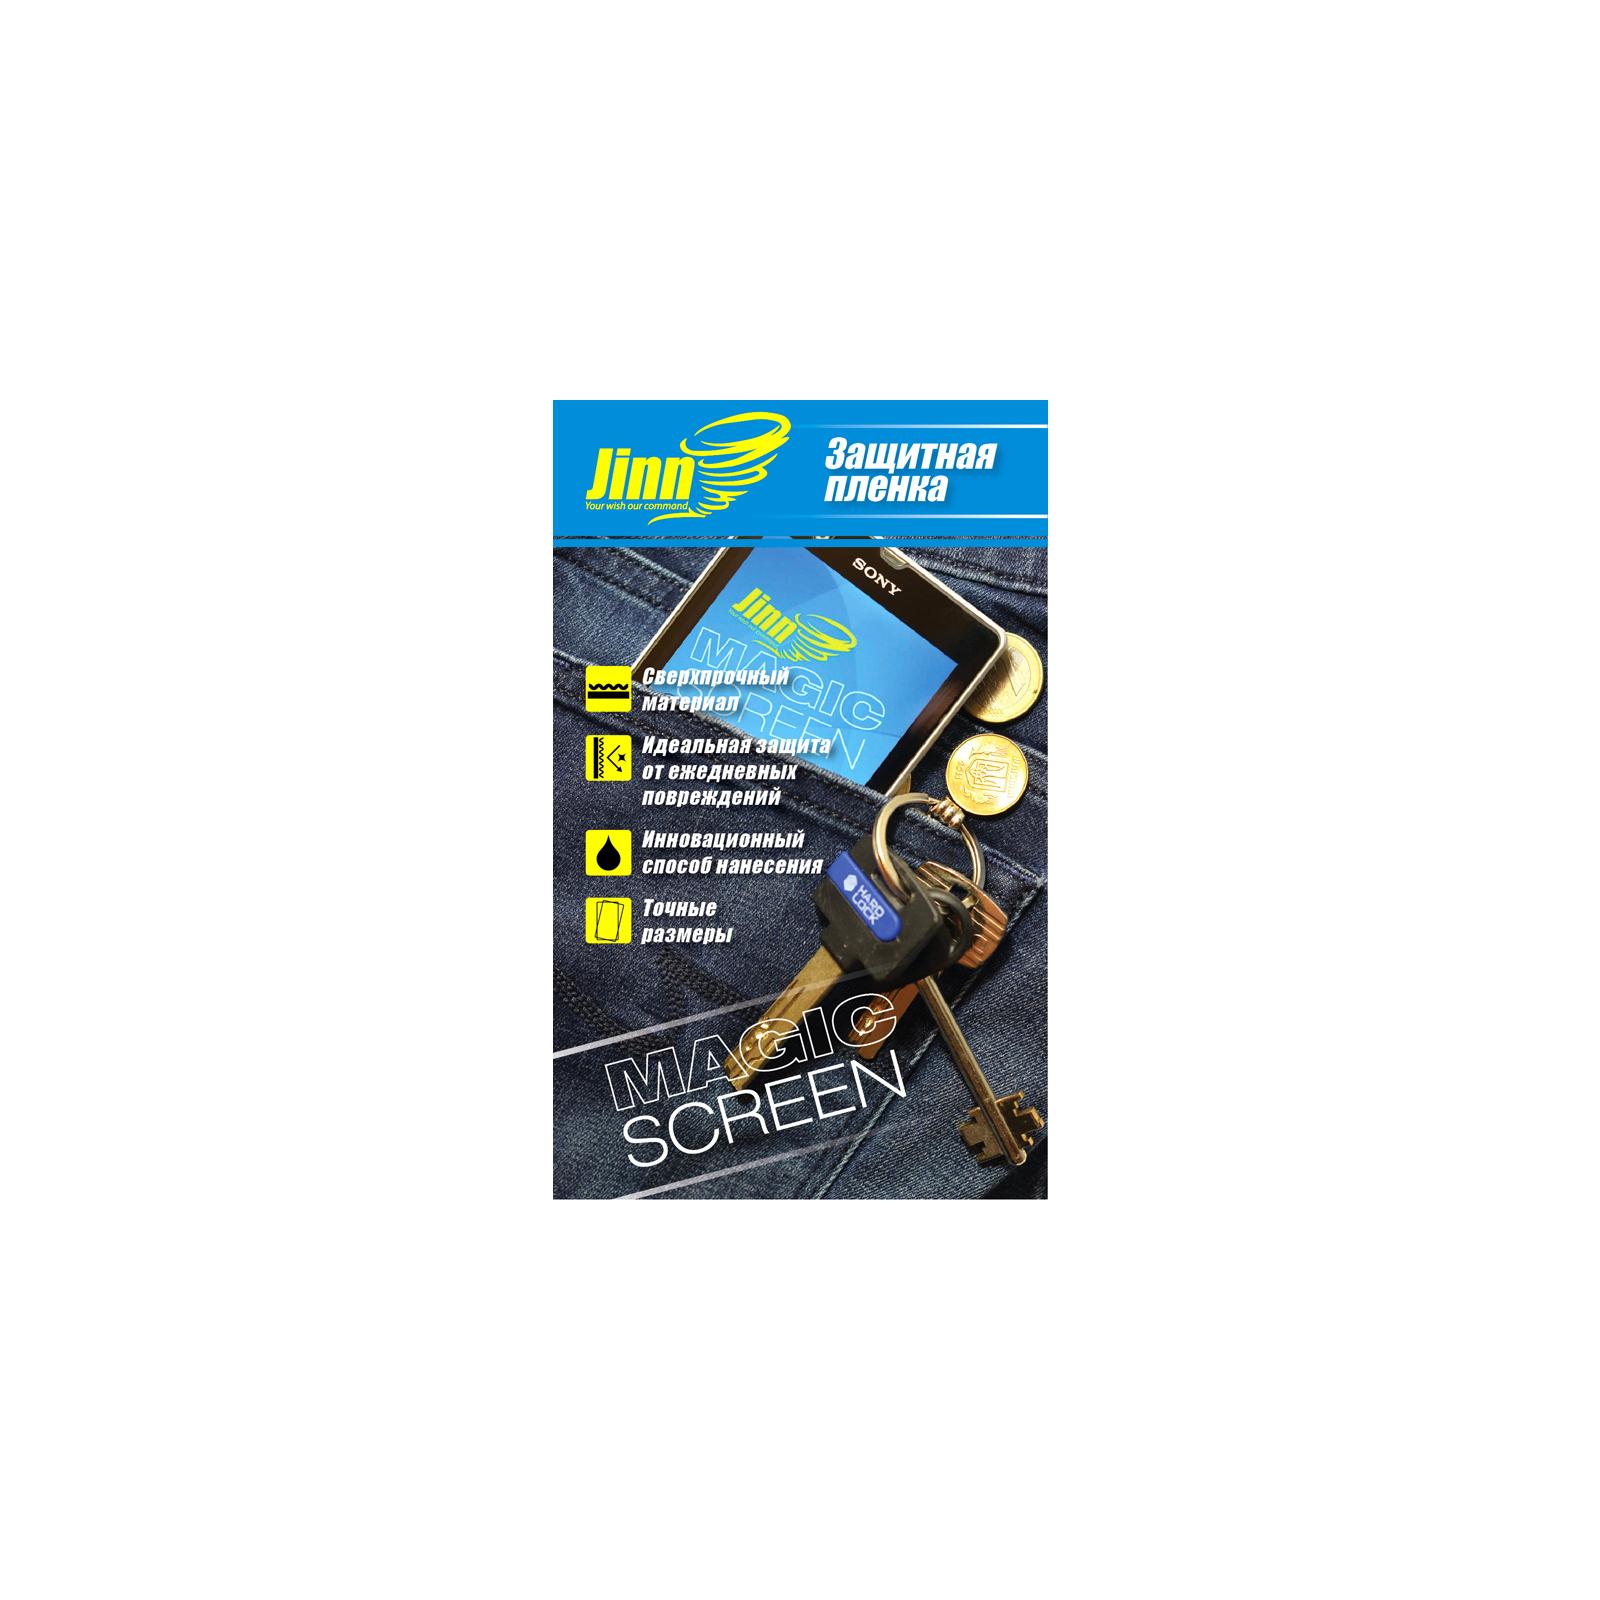 Пленка защитная JINN надміцна Magic Screen для LG Optimus L5 II E450 / E455 (захи (LG Optimus L5 II front)